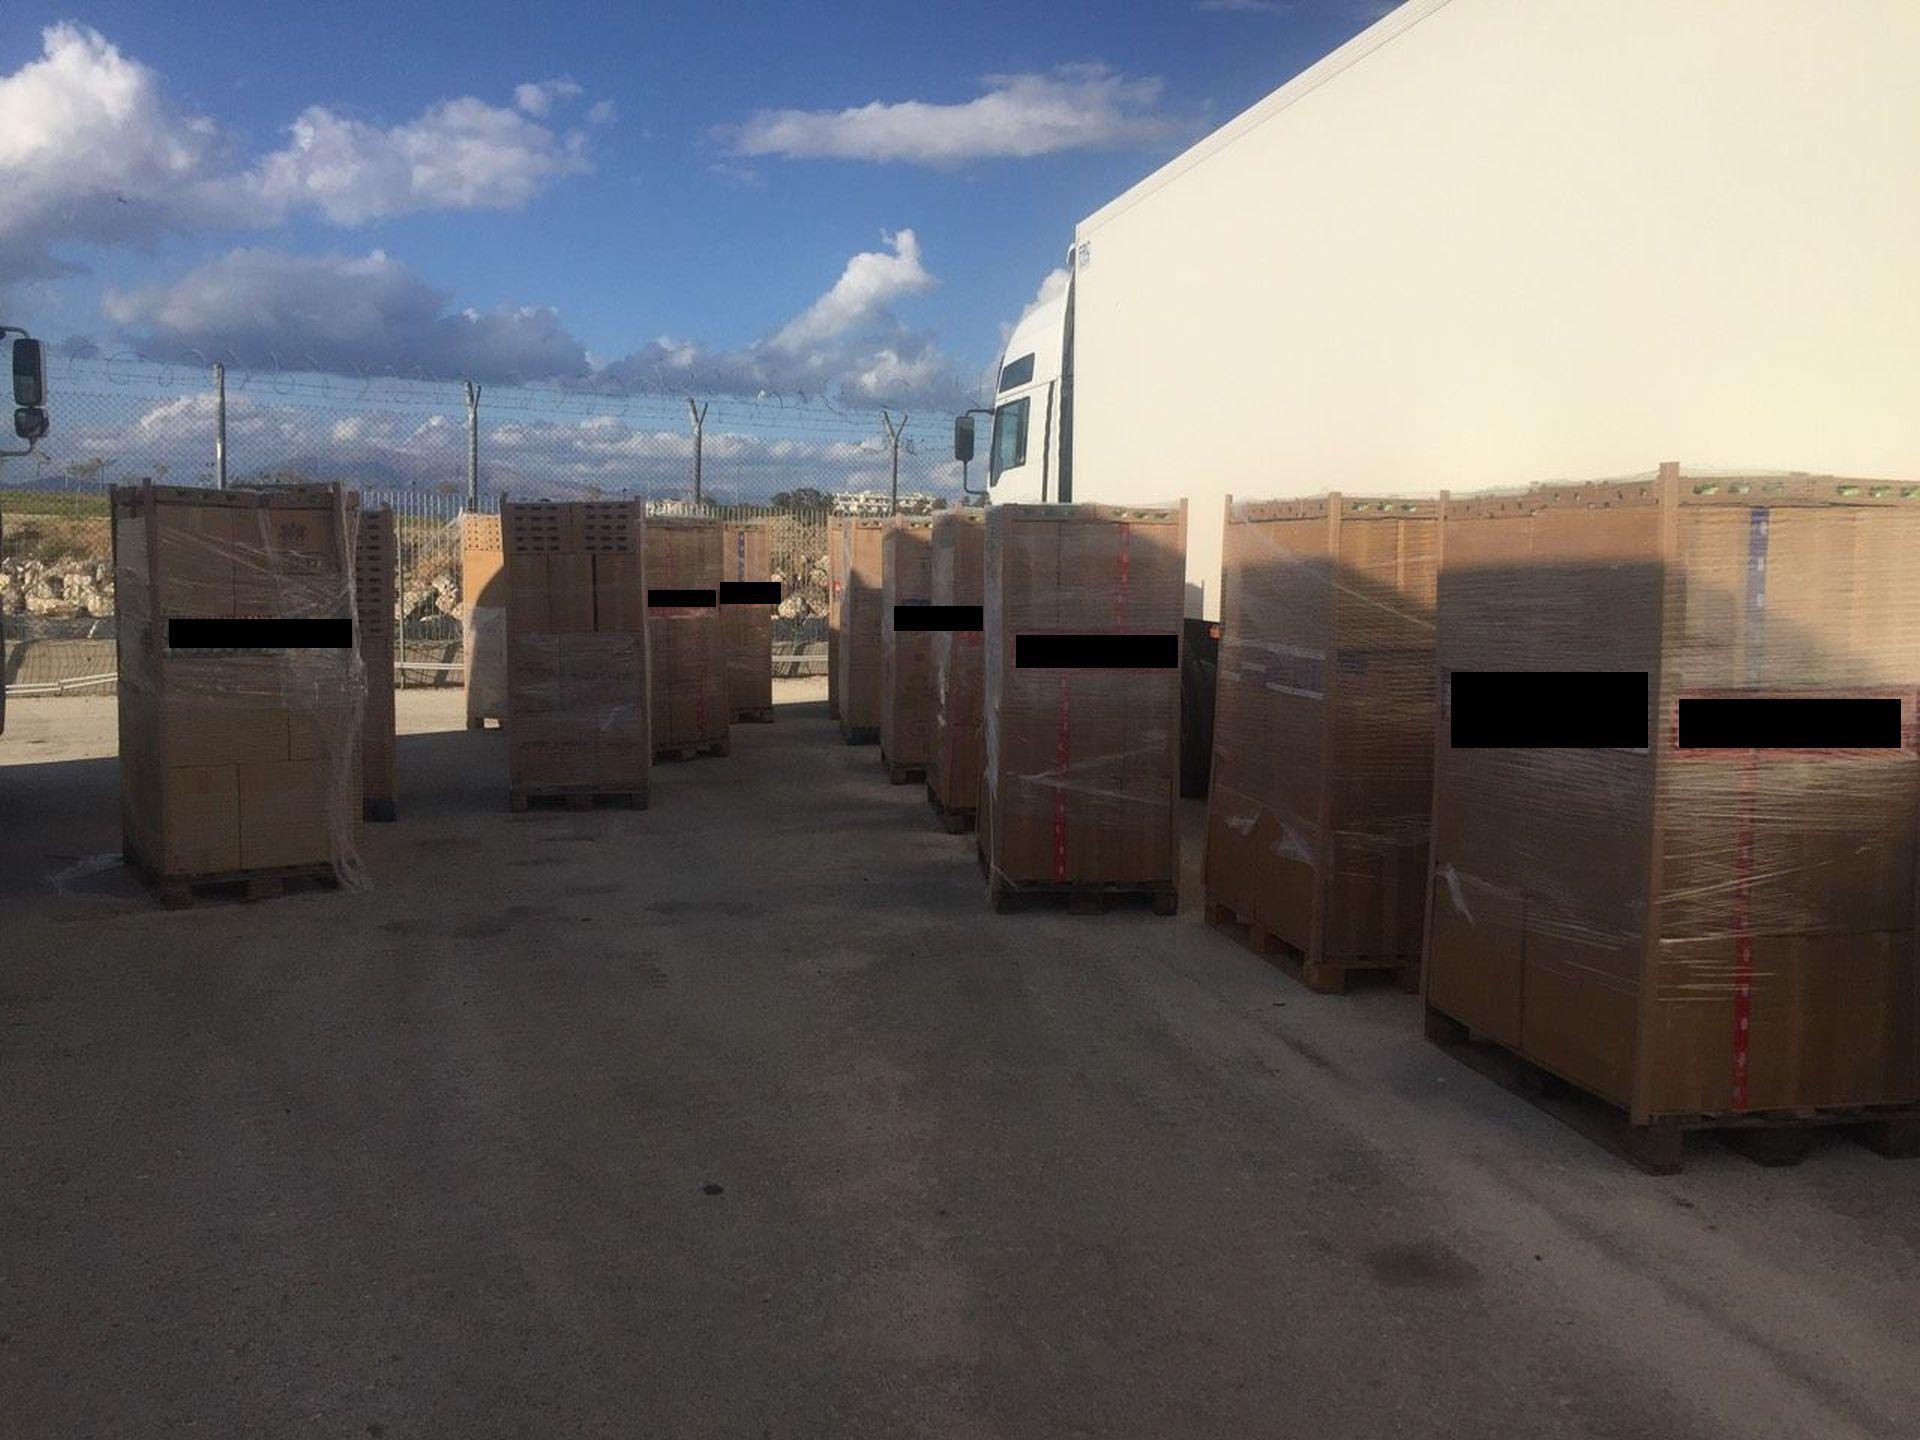 Πάτρα: «Μπλόκο» σε 283.240 πακέτα λαθραίων τσιγάρων στο λιμάνι